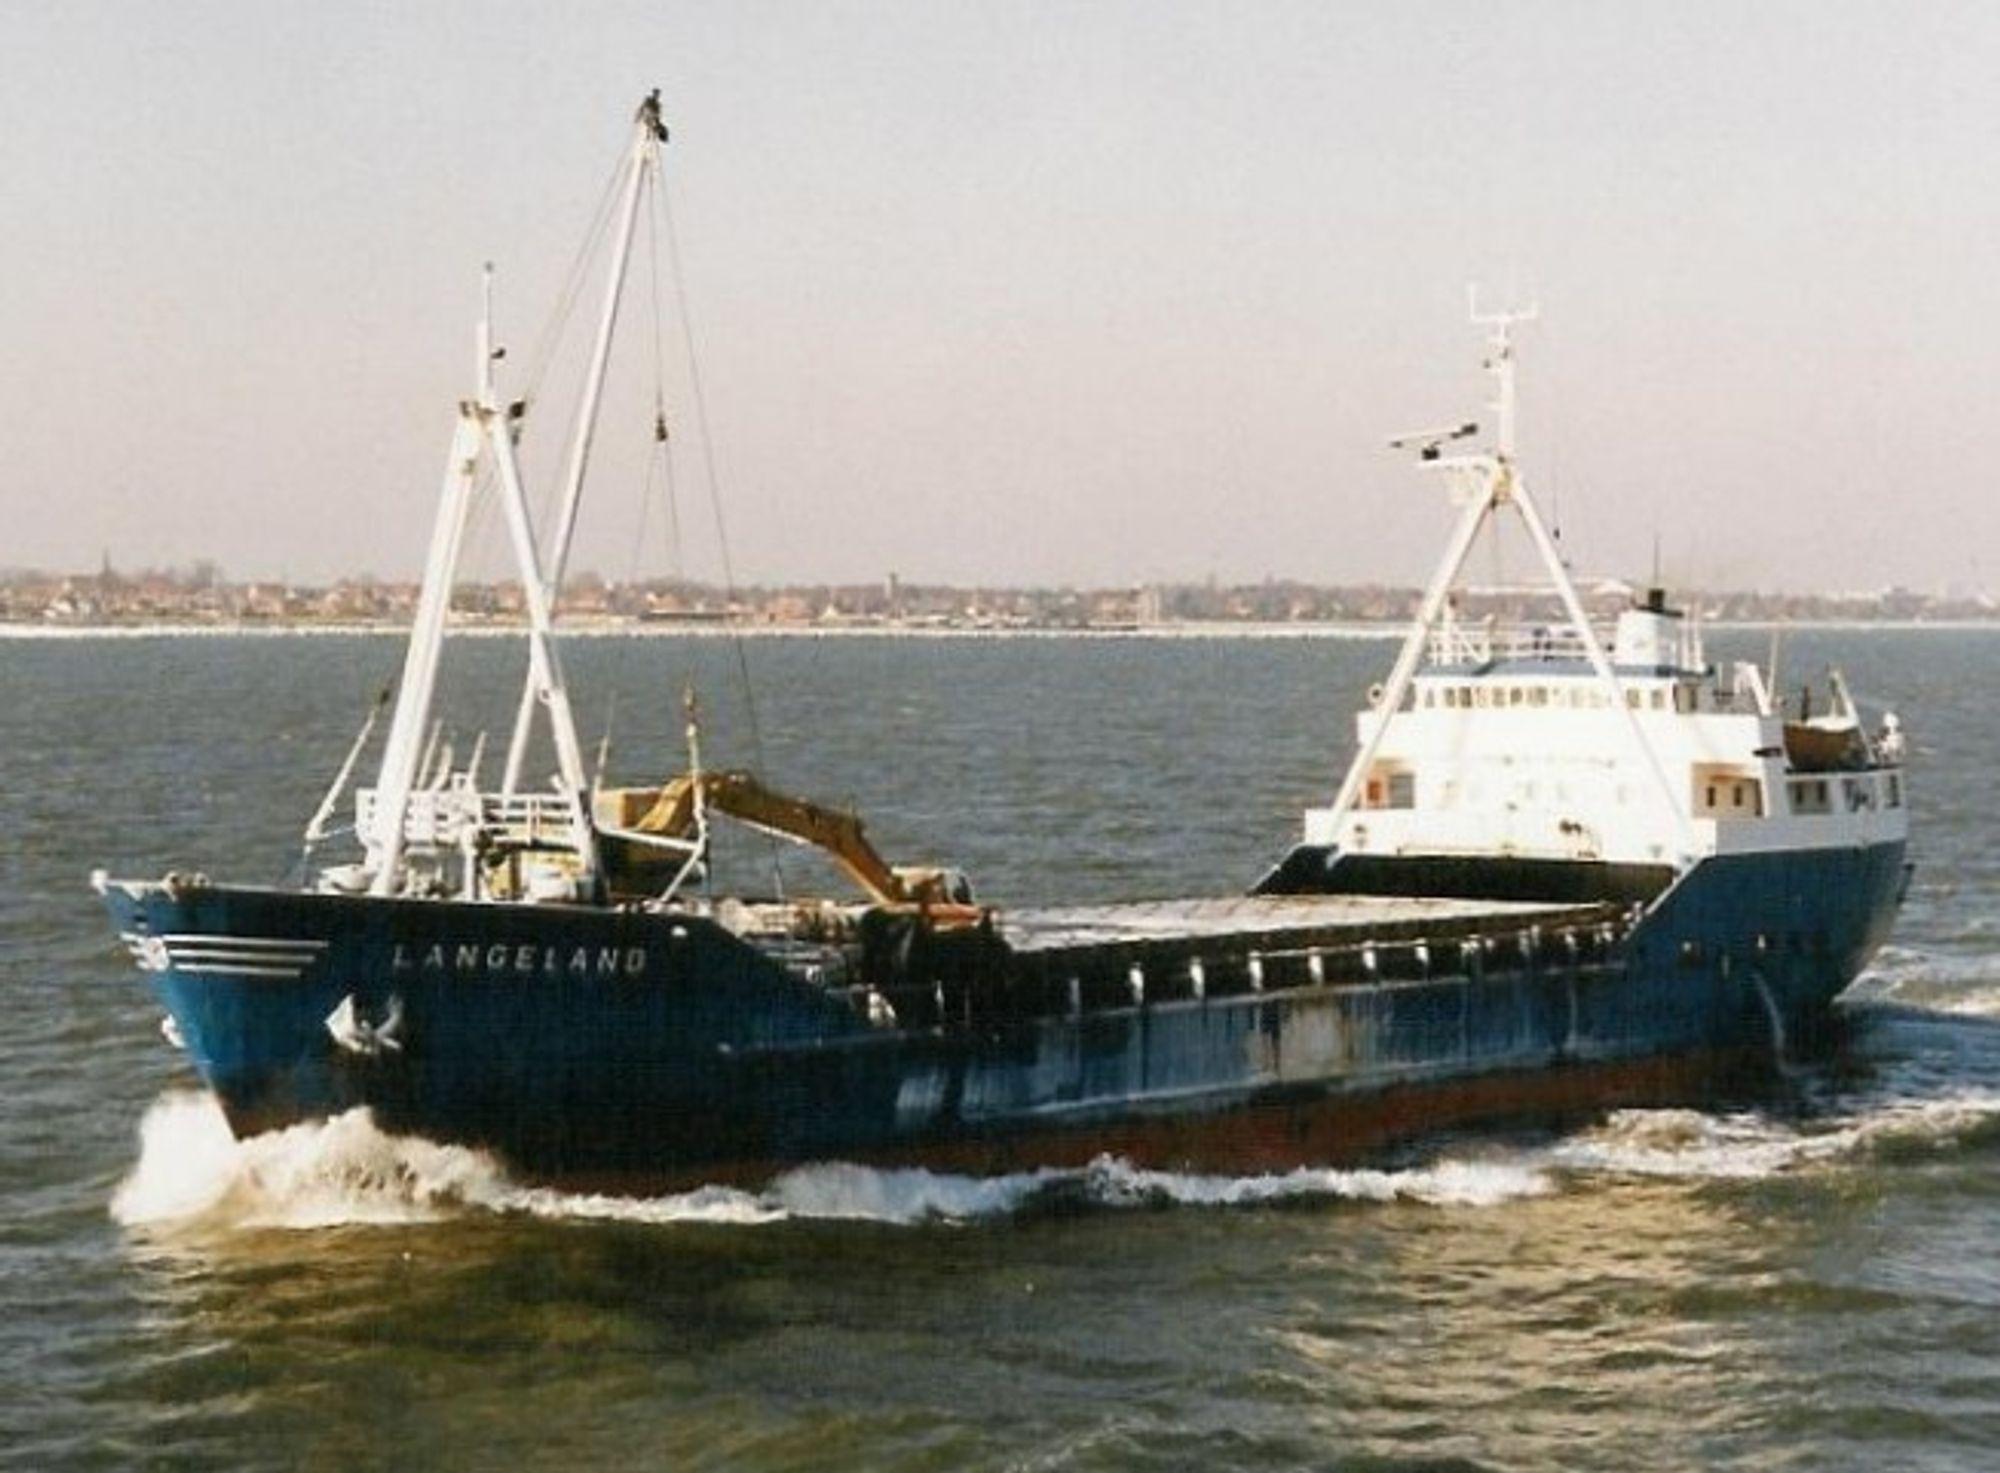 UTETT: Langeland gikk fast mellom Karlshamn i Sverige og Moss med stein til Rockwool. Mannskapet på seks omkom da skipet sank 31. juli 2009  i Kosterfjorden i Sverige.